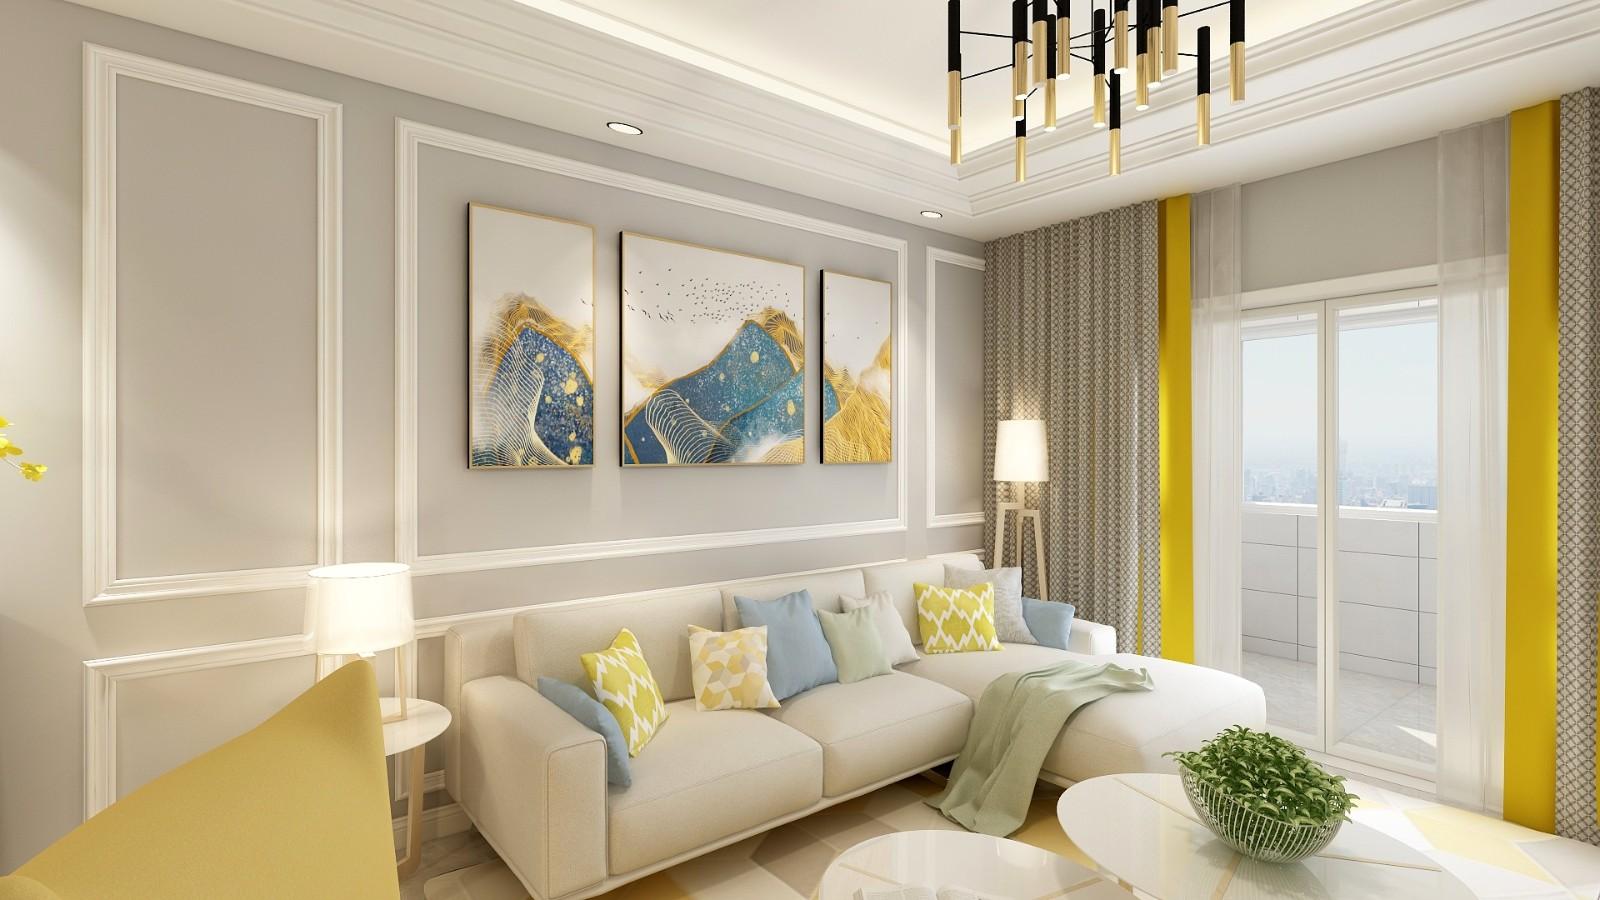 上海尚香建筑设计工程有限公司苏州分公司